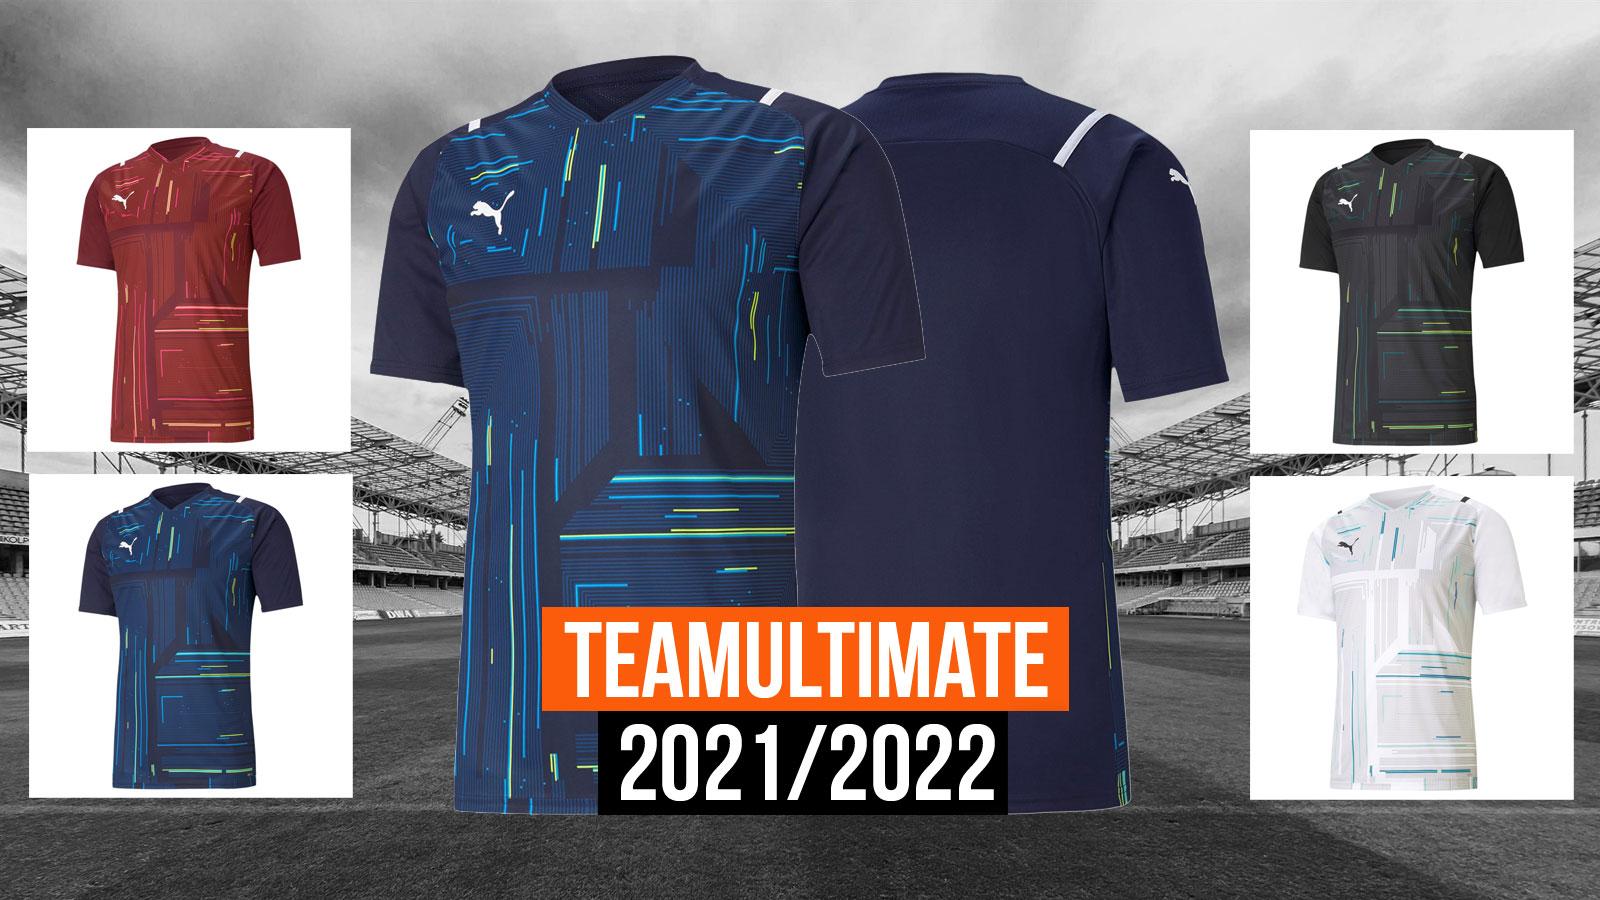 Das Puma teamUltimate Trikot für die Saison 2021/2022